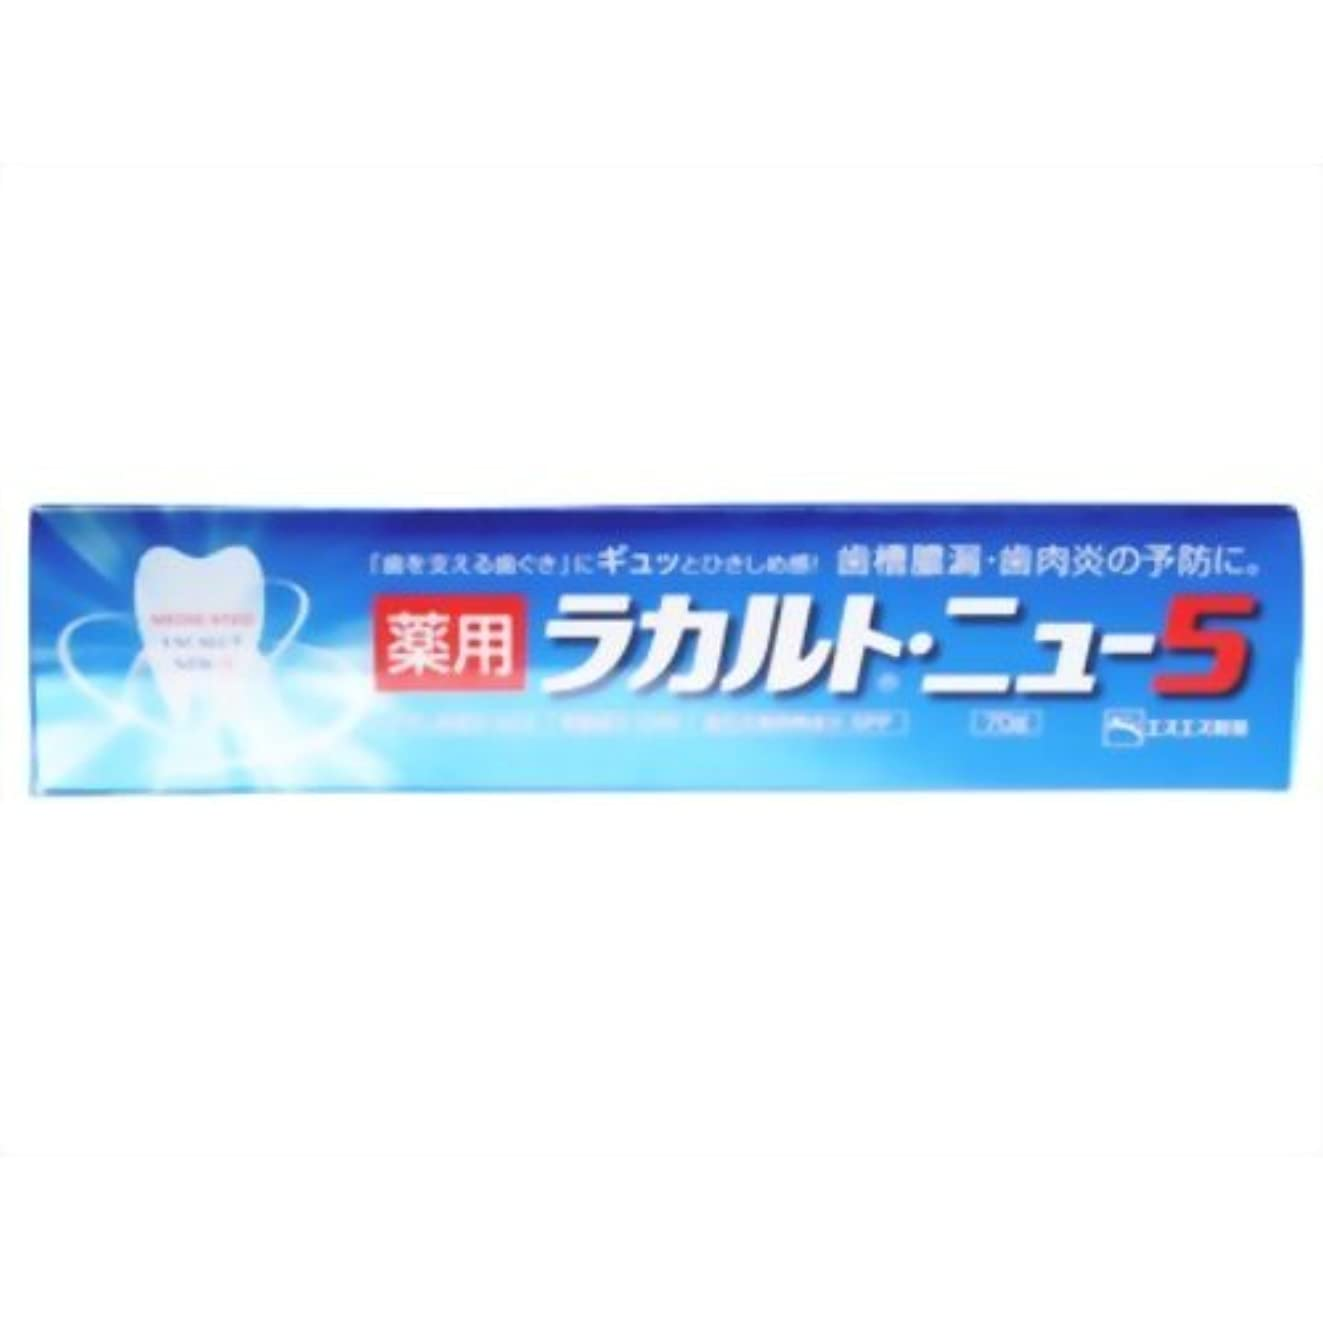 吸収申し立て発行【エスエス製薬】薬用ラカルト?ニュー5 70g ×3個セット